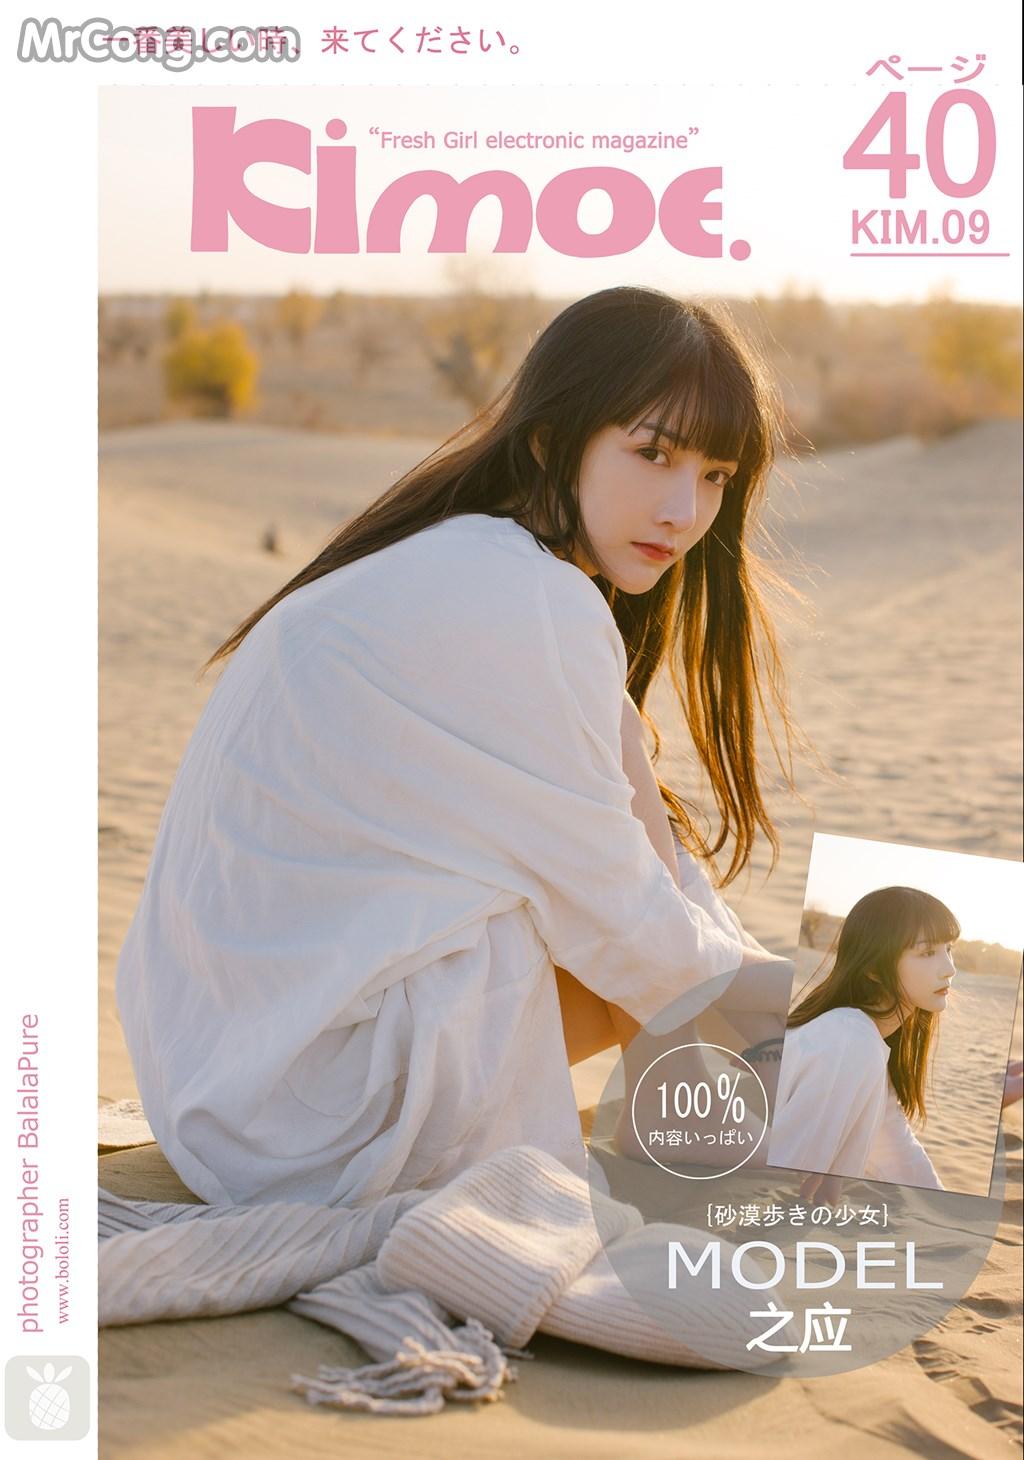 Kimoe Vol.009: Người mẫu Zhi Ying (之应) (41 ảnh)